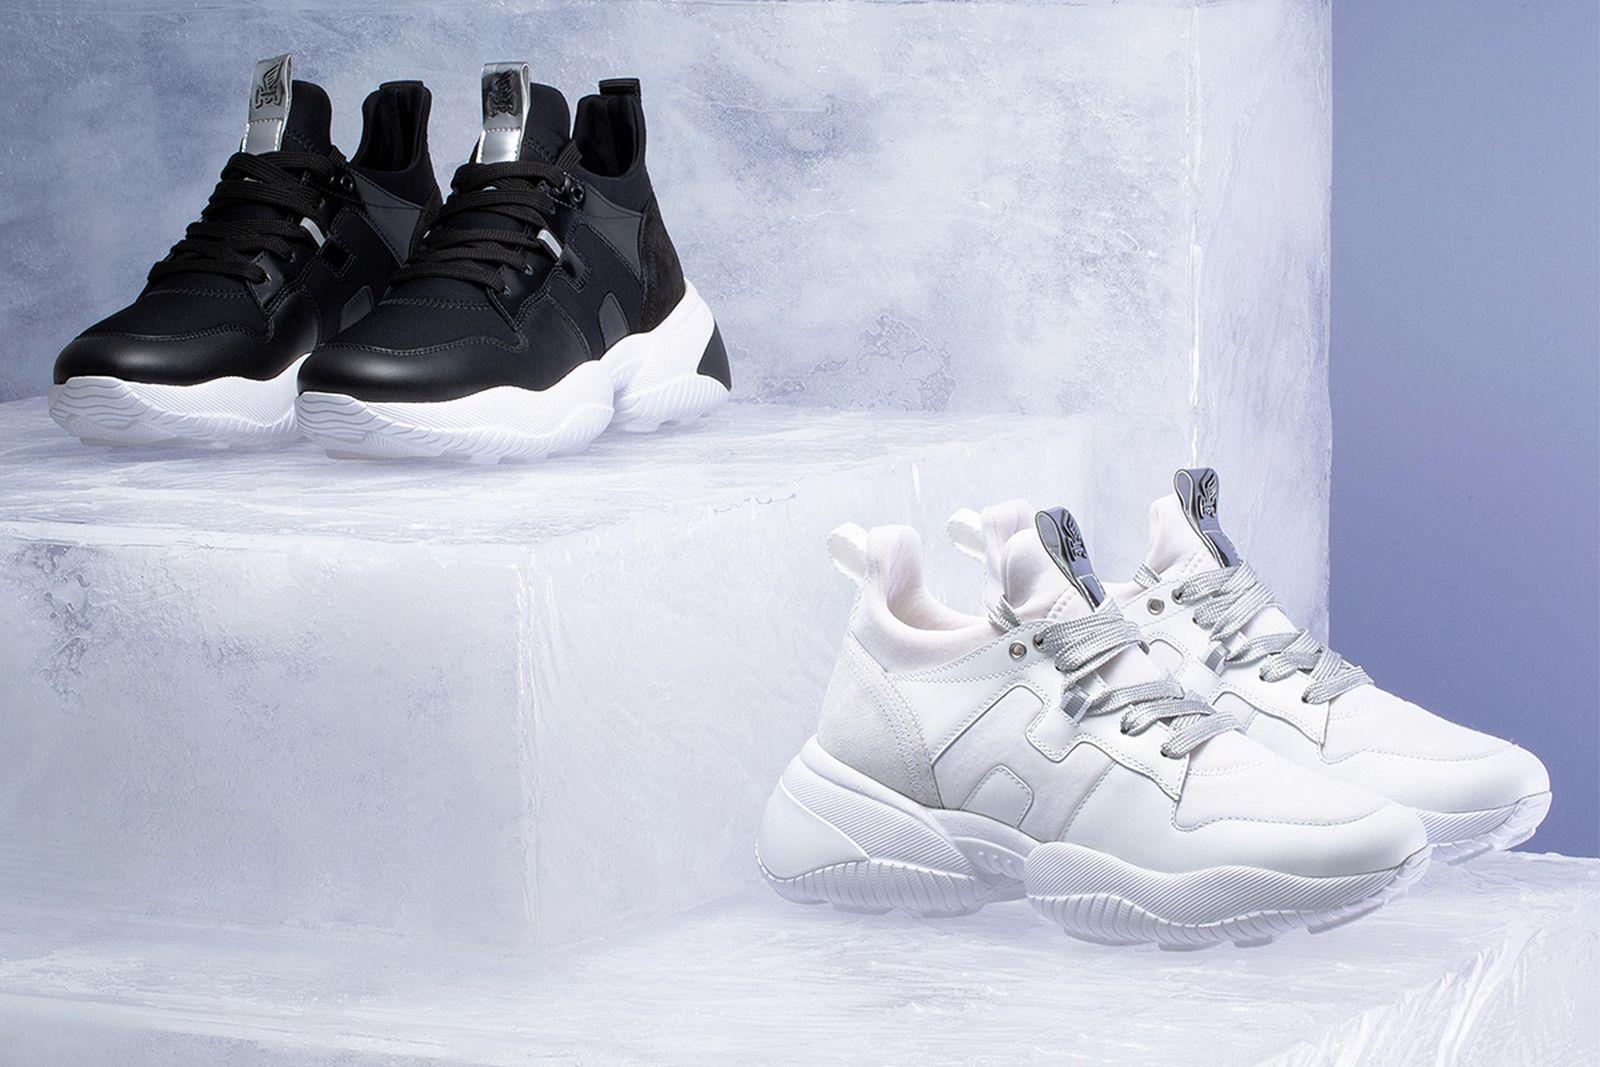 07hogan-sneakers-luxury-fall-winter-2019-